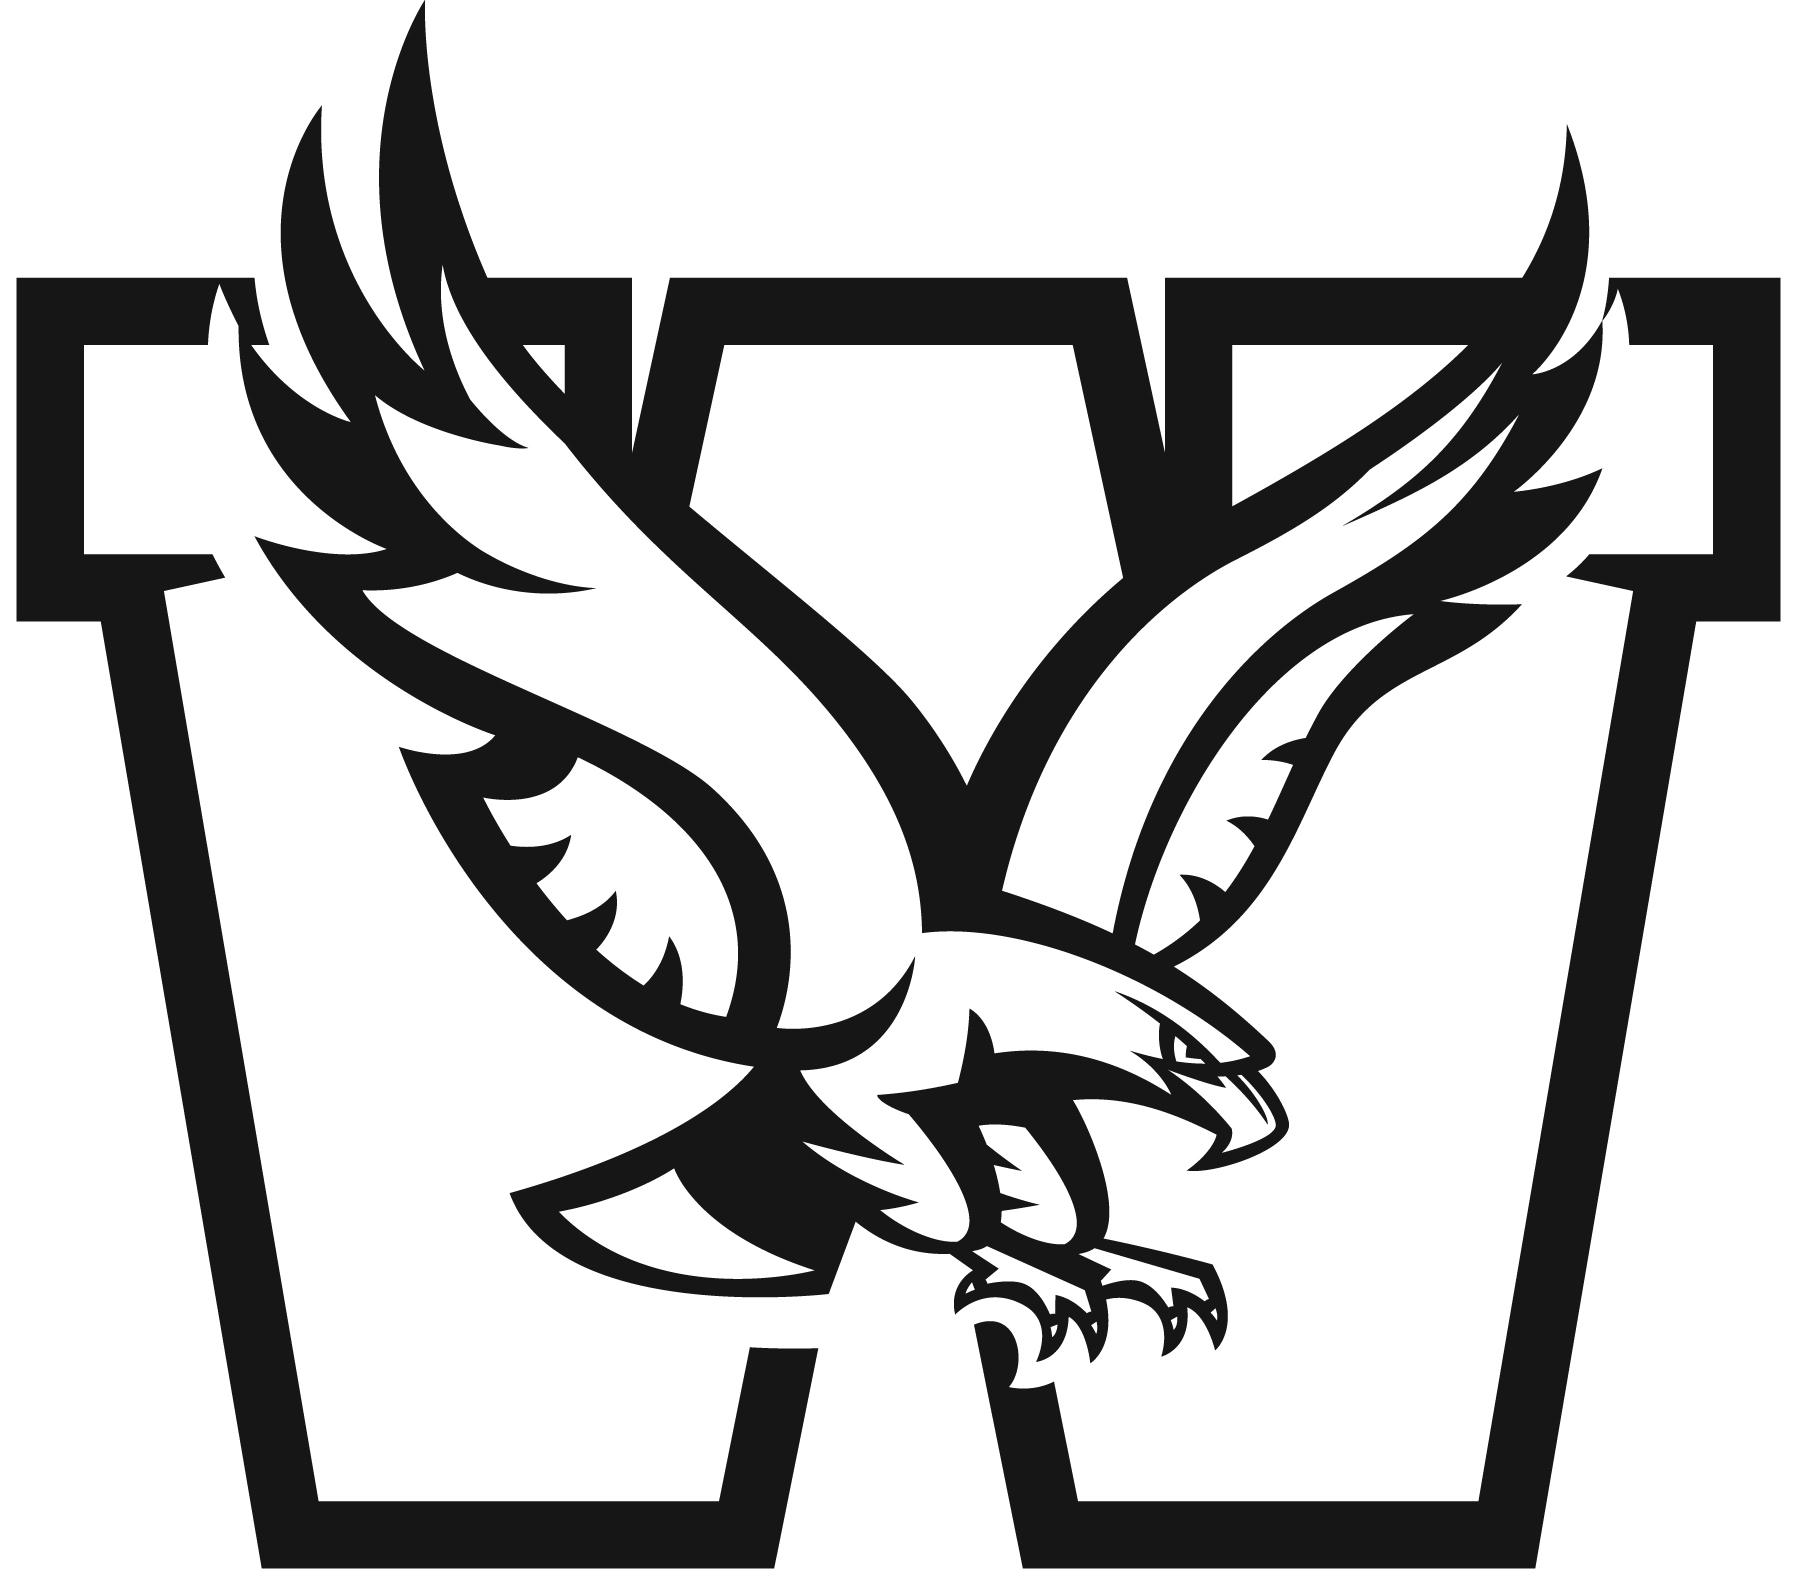 Mission Eagles Logo B&w